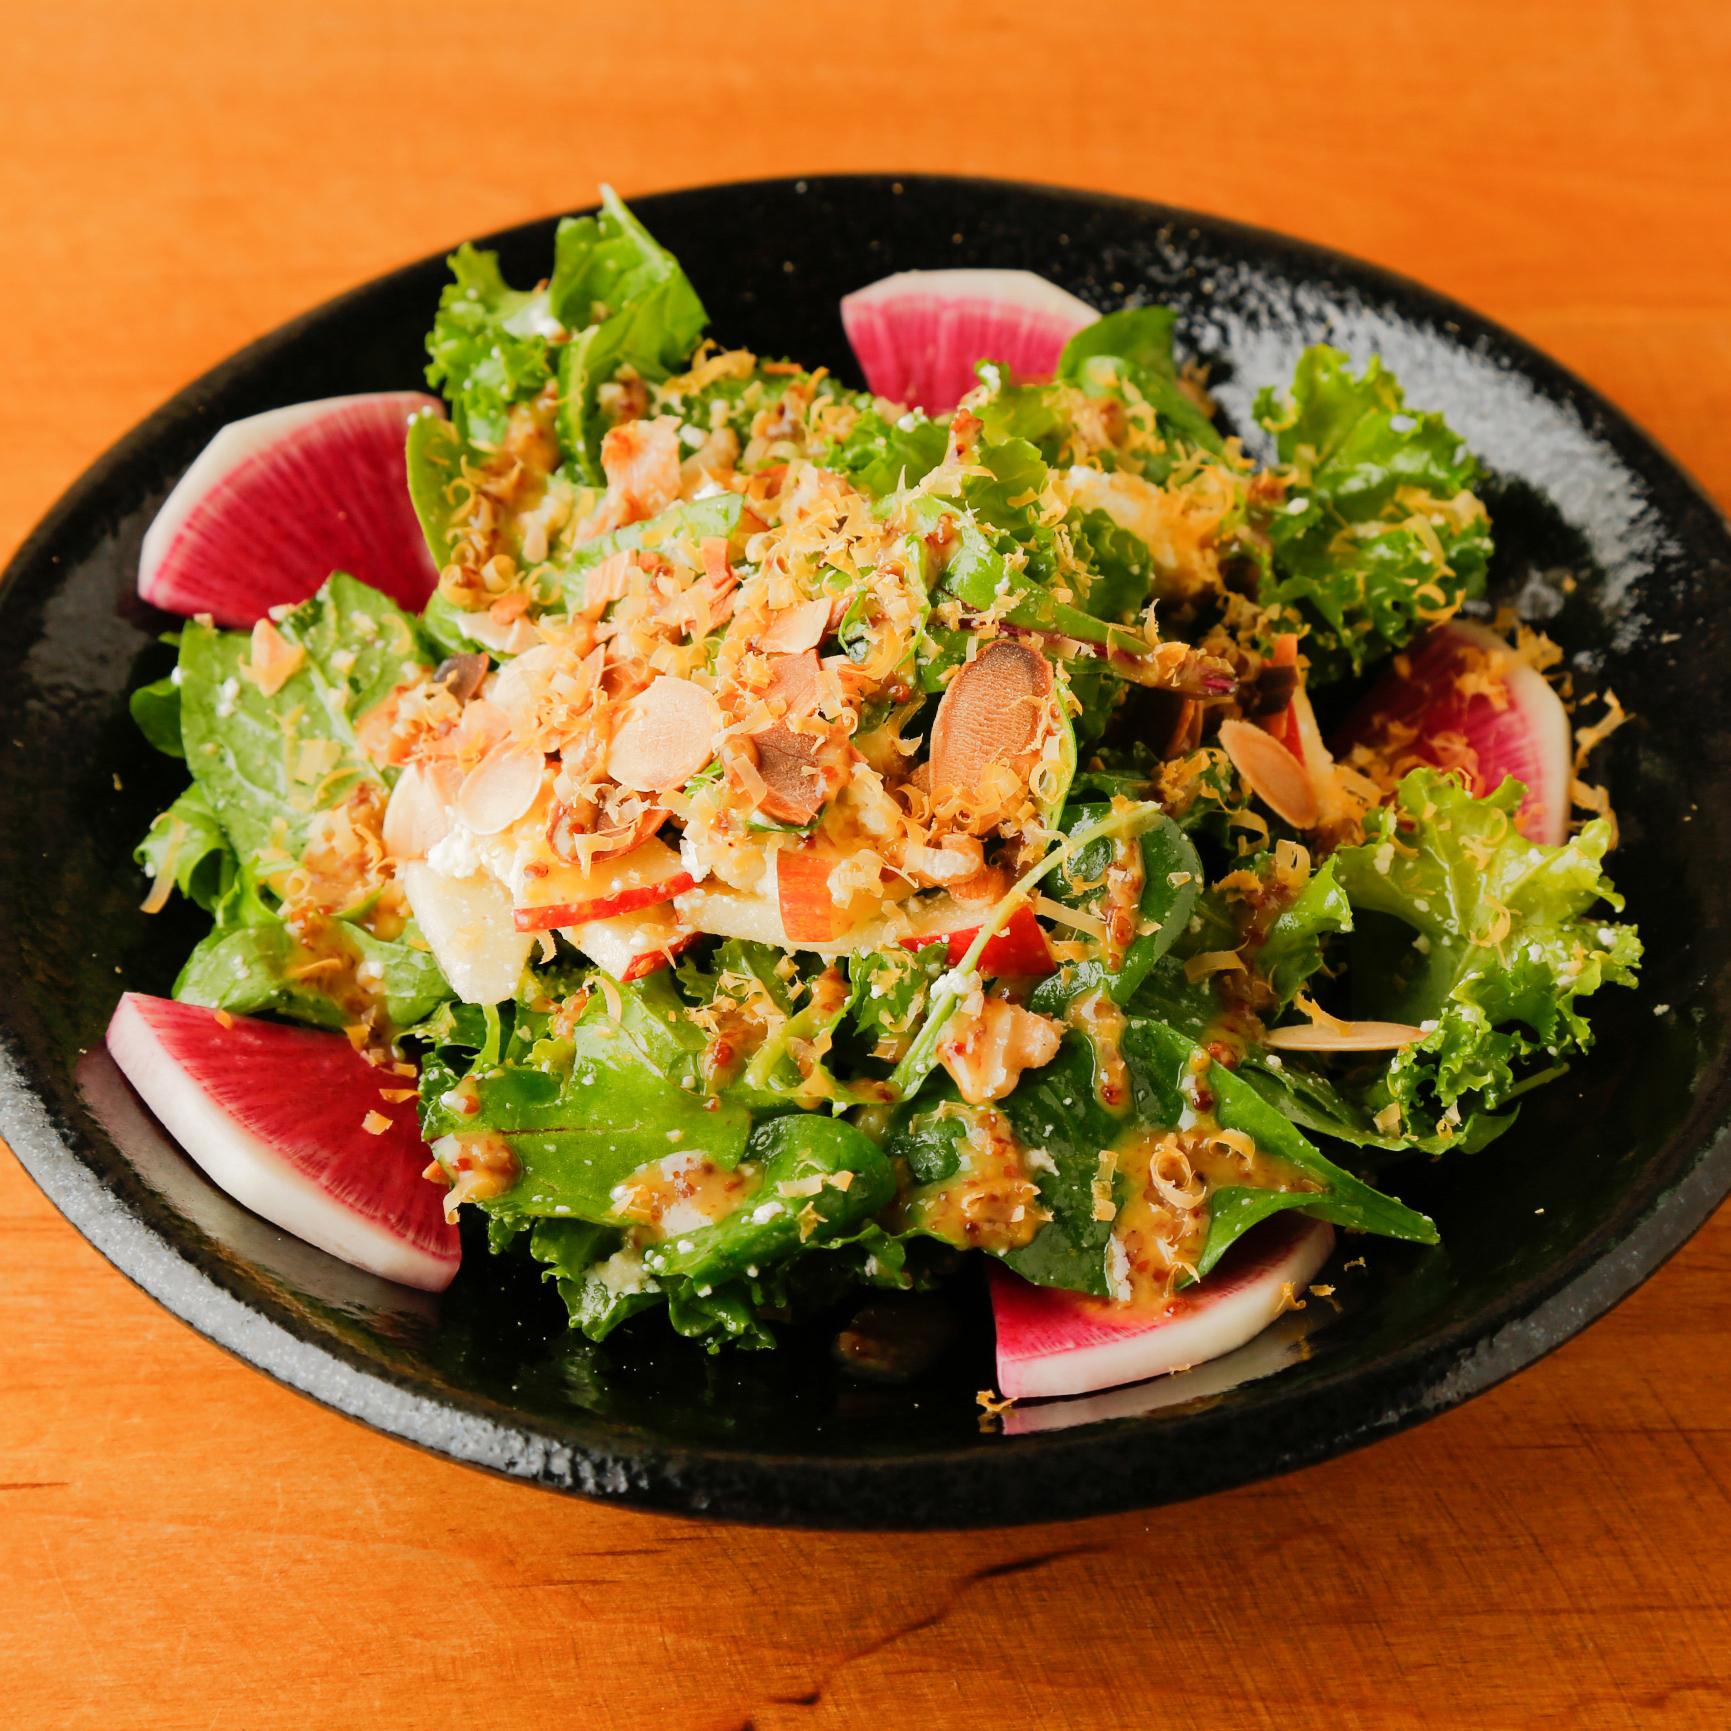 【季節限定】リコッタチーズとケールのDEN風サラダ ハニーマスタードドレッシング 980円